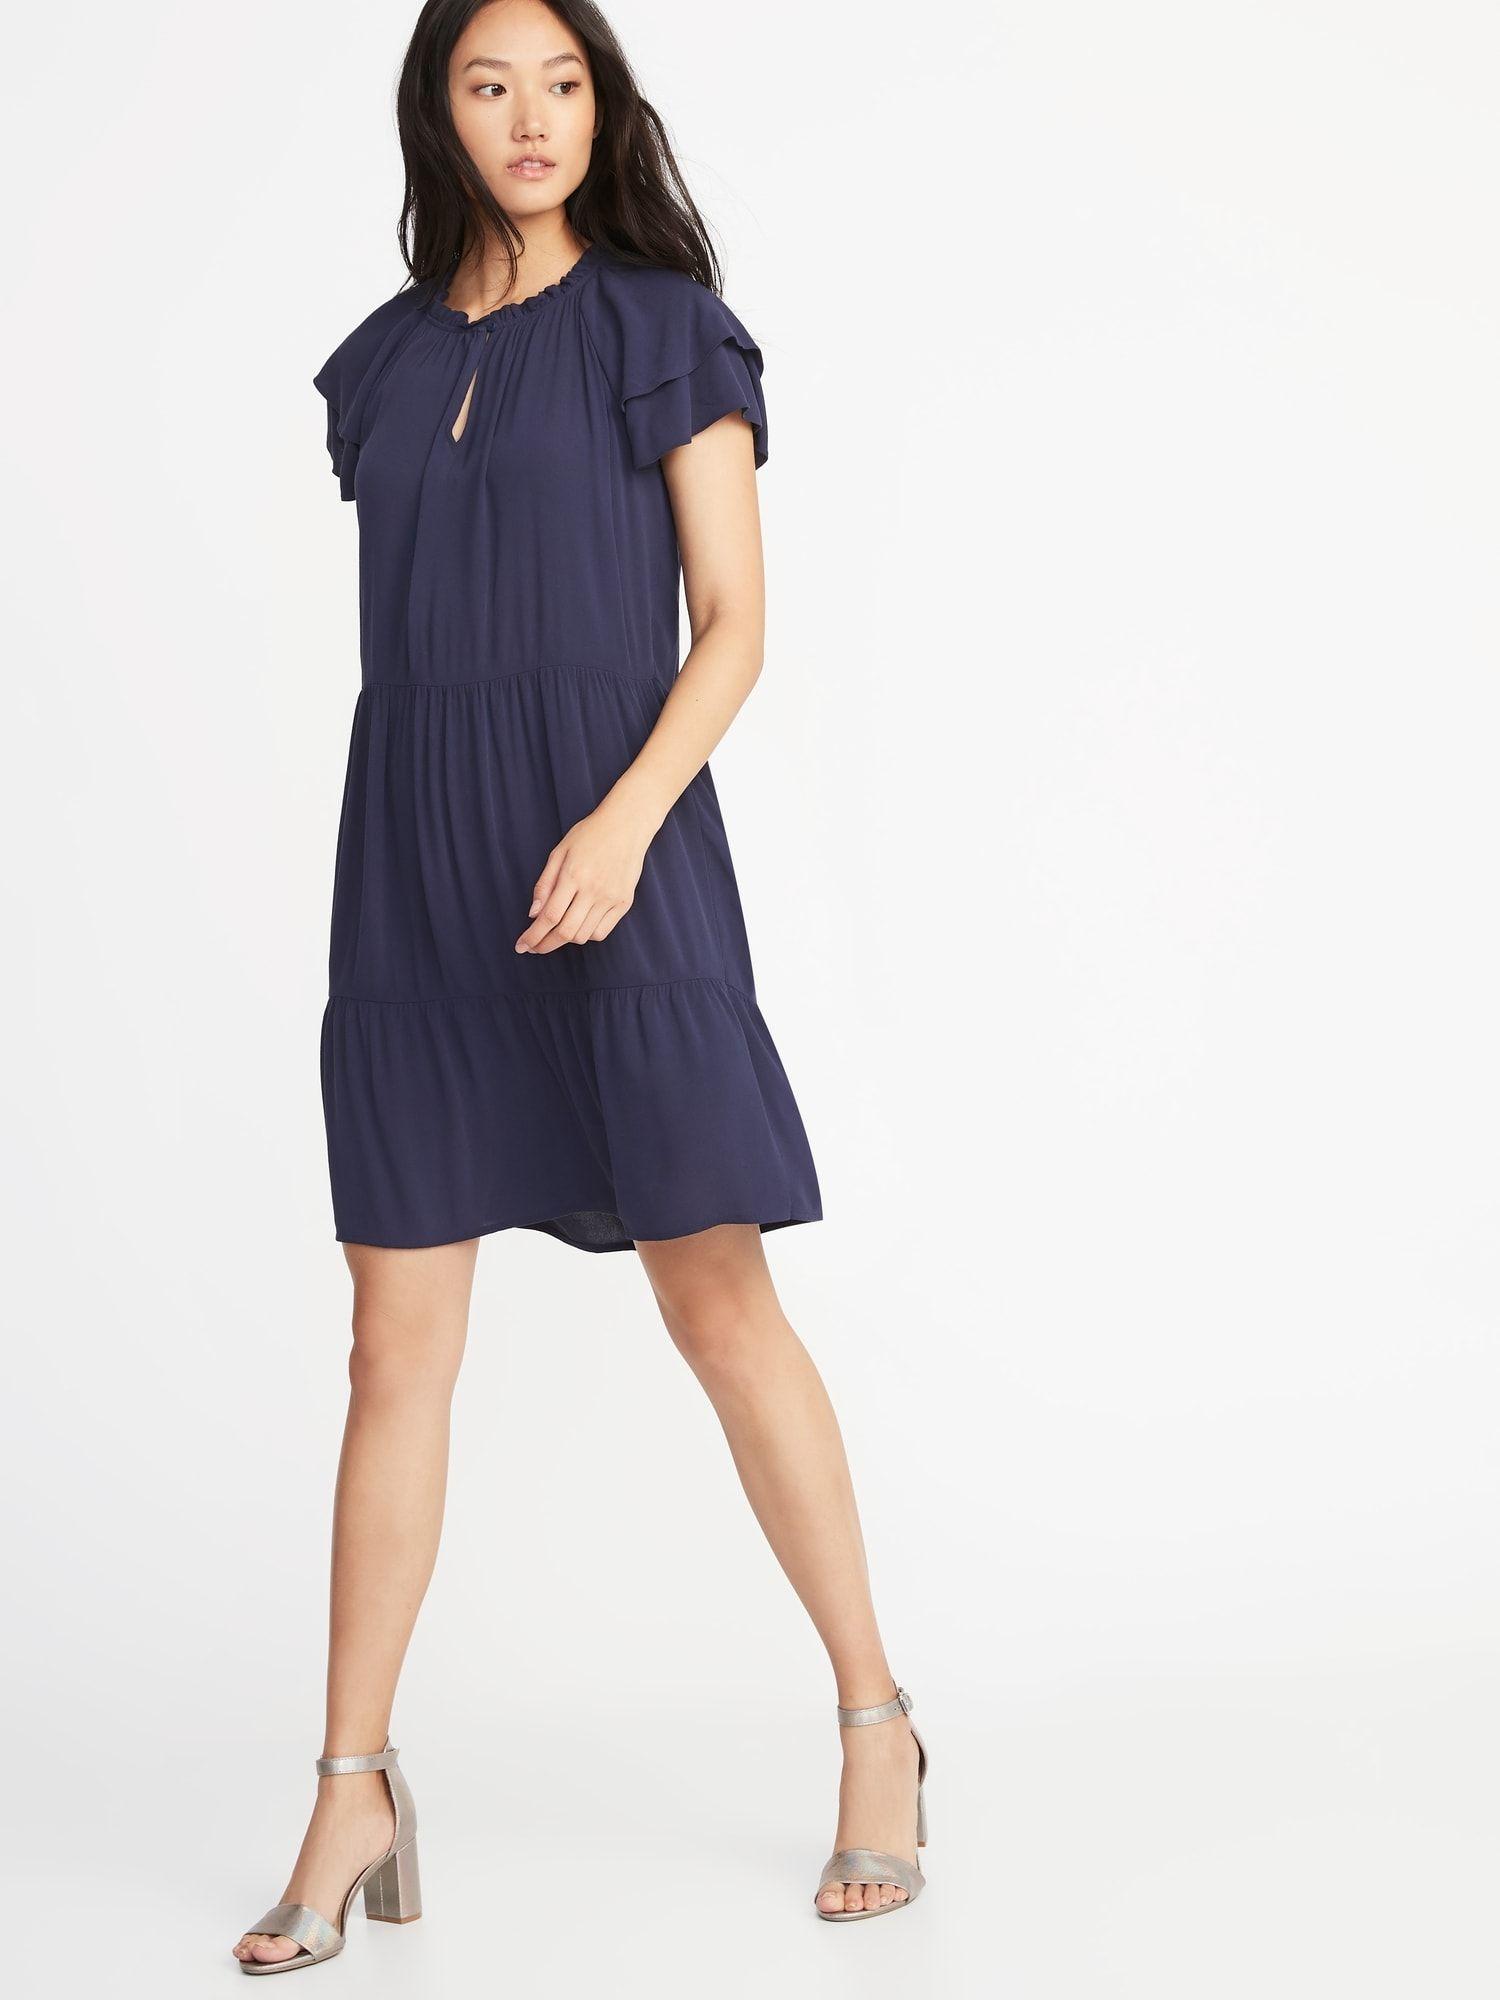 High Neck Ruffle Trim Swing Dress For Women Old Navy Womens Dresses Swing Dress Dresses